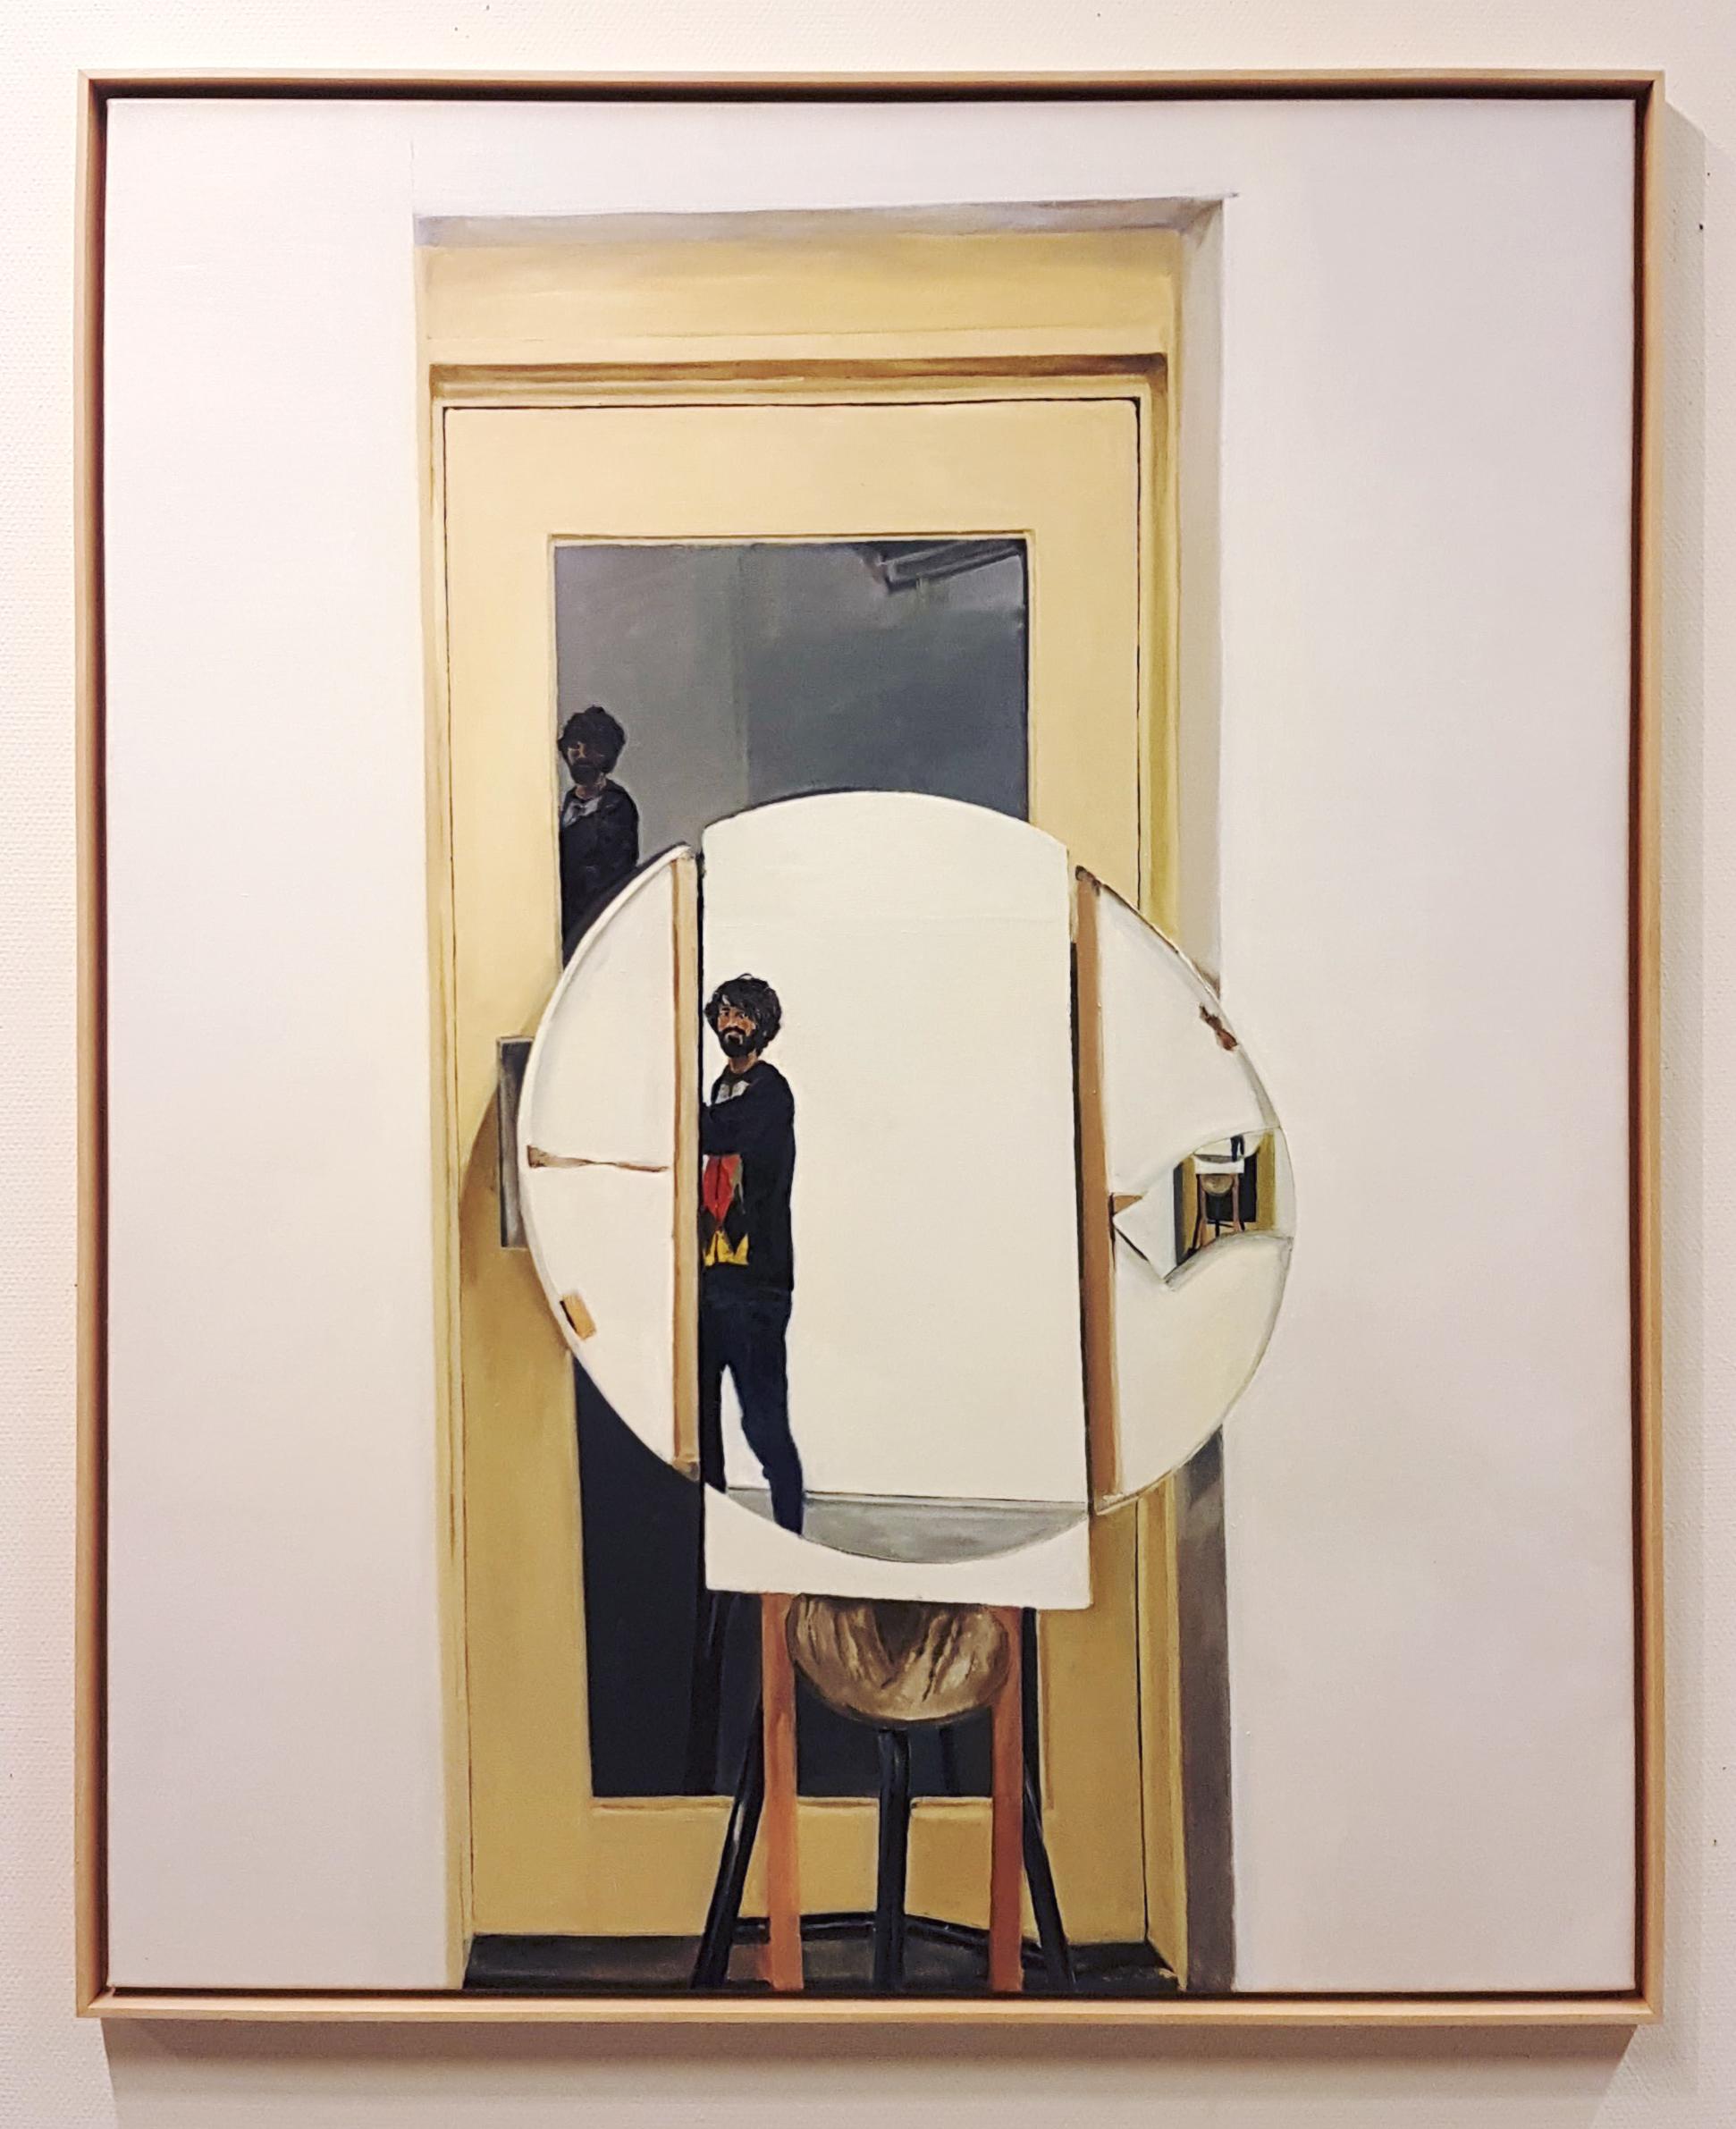 The Door, 130 x 150 cm, oil on linen, 2018